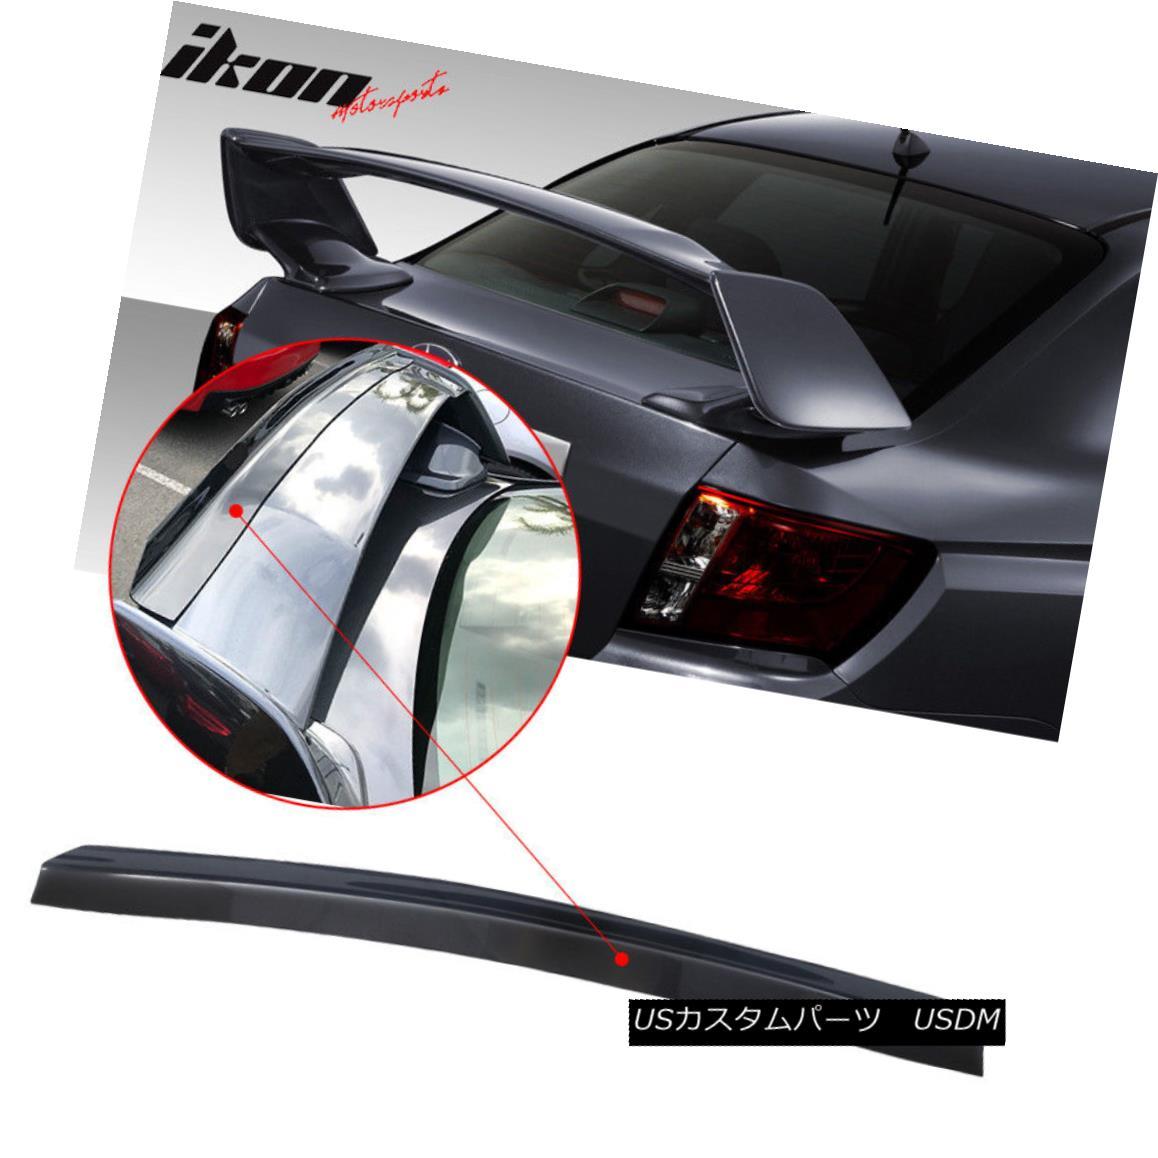 エアロパーツ Fit 08-14 Subaru WRX STi Top Gurney Flap Add-On Trunk Spoiler Wing Transparent フィット08-14スバルWRX STiトップガーニーフラップアドオントランクスポイラーウイング透明